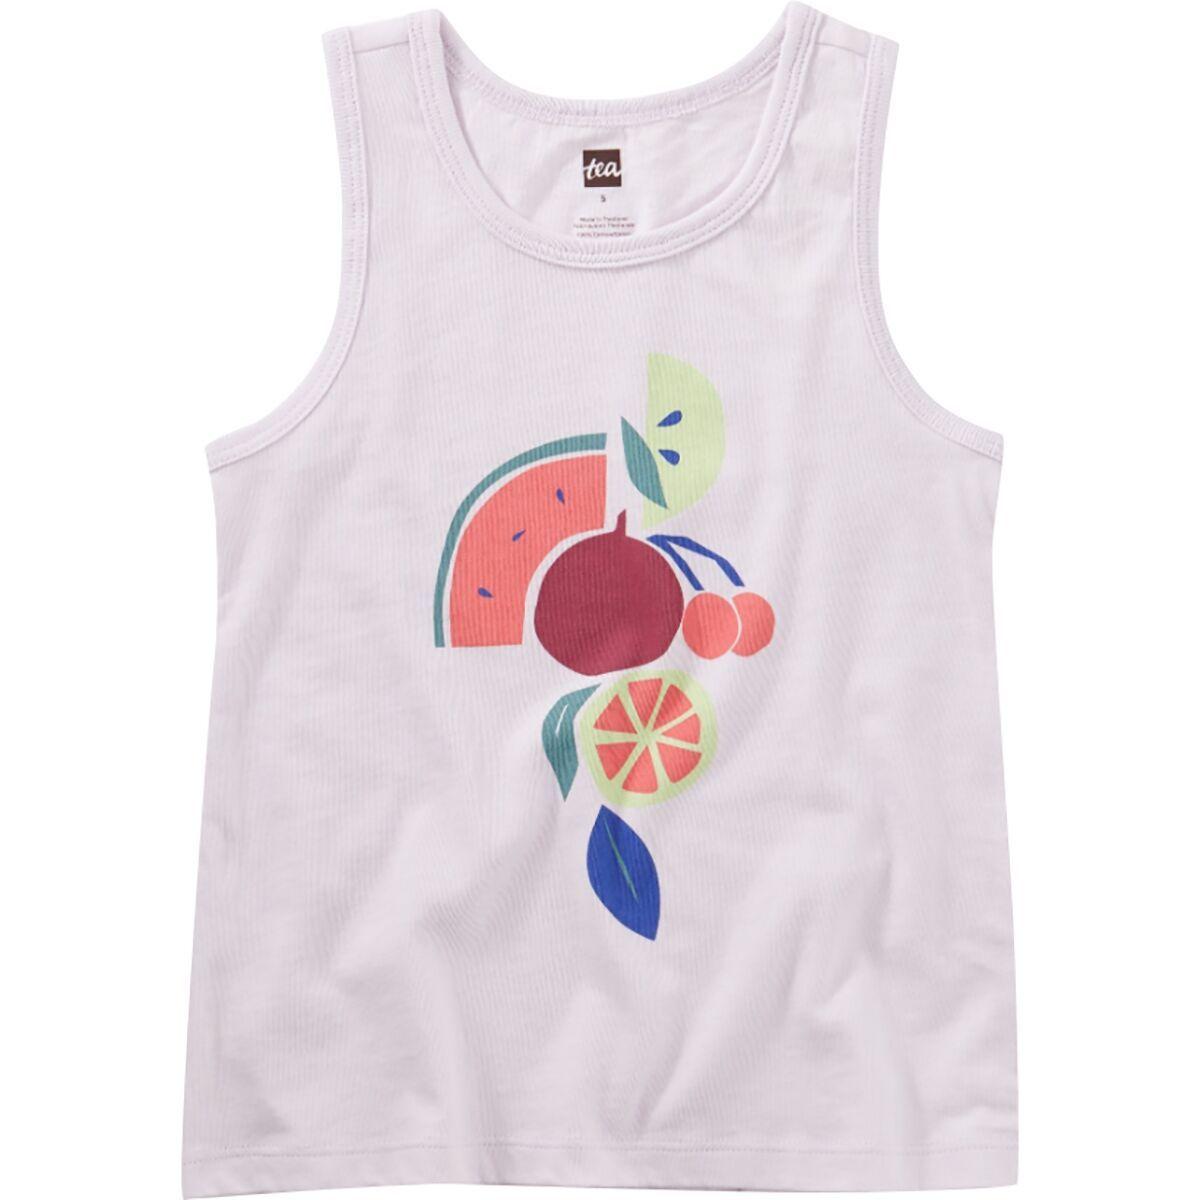 Tutti Frutti Tank Top - Girls'